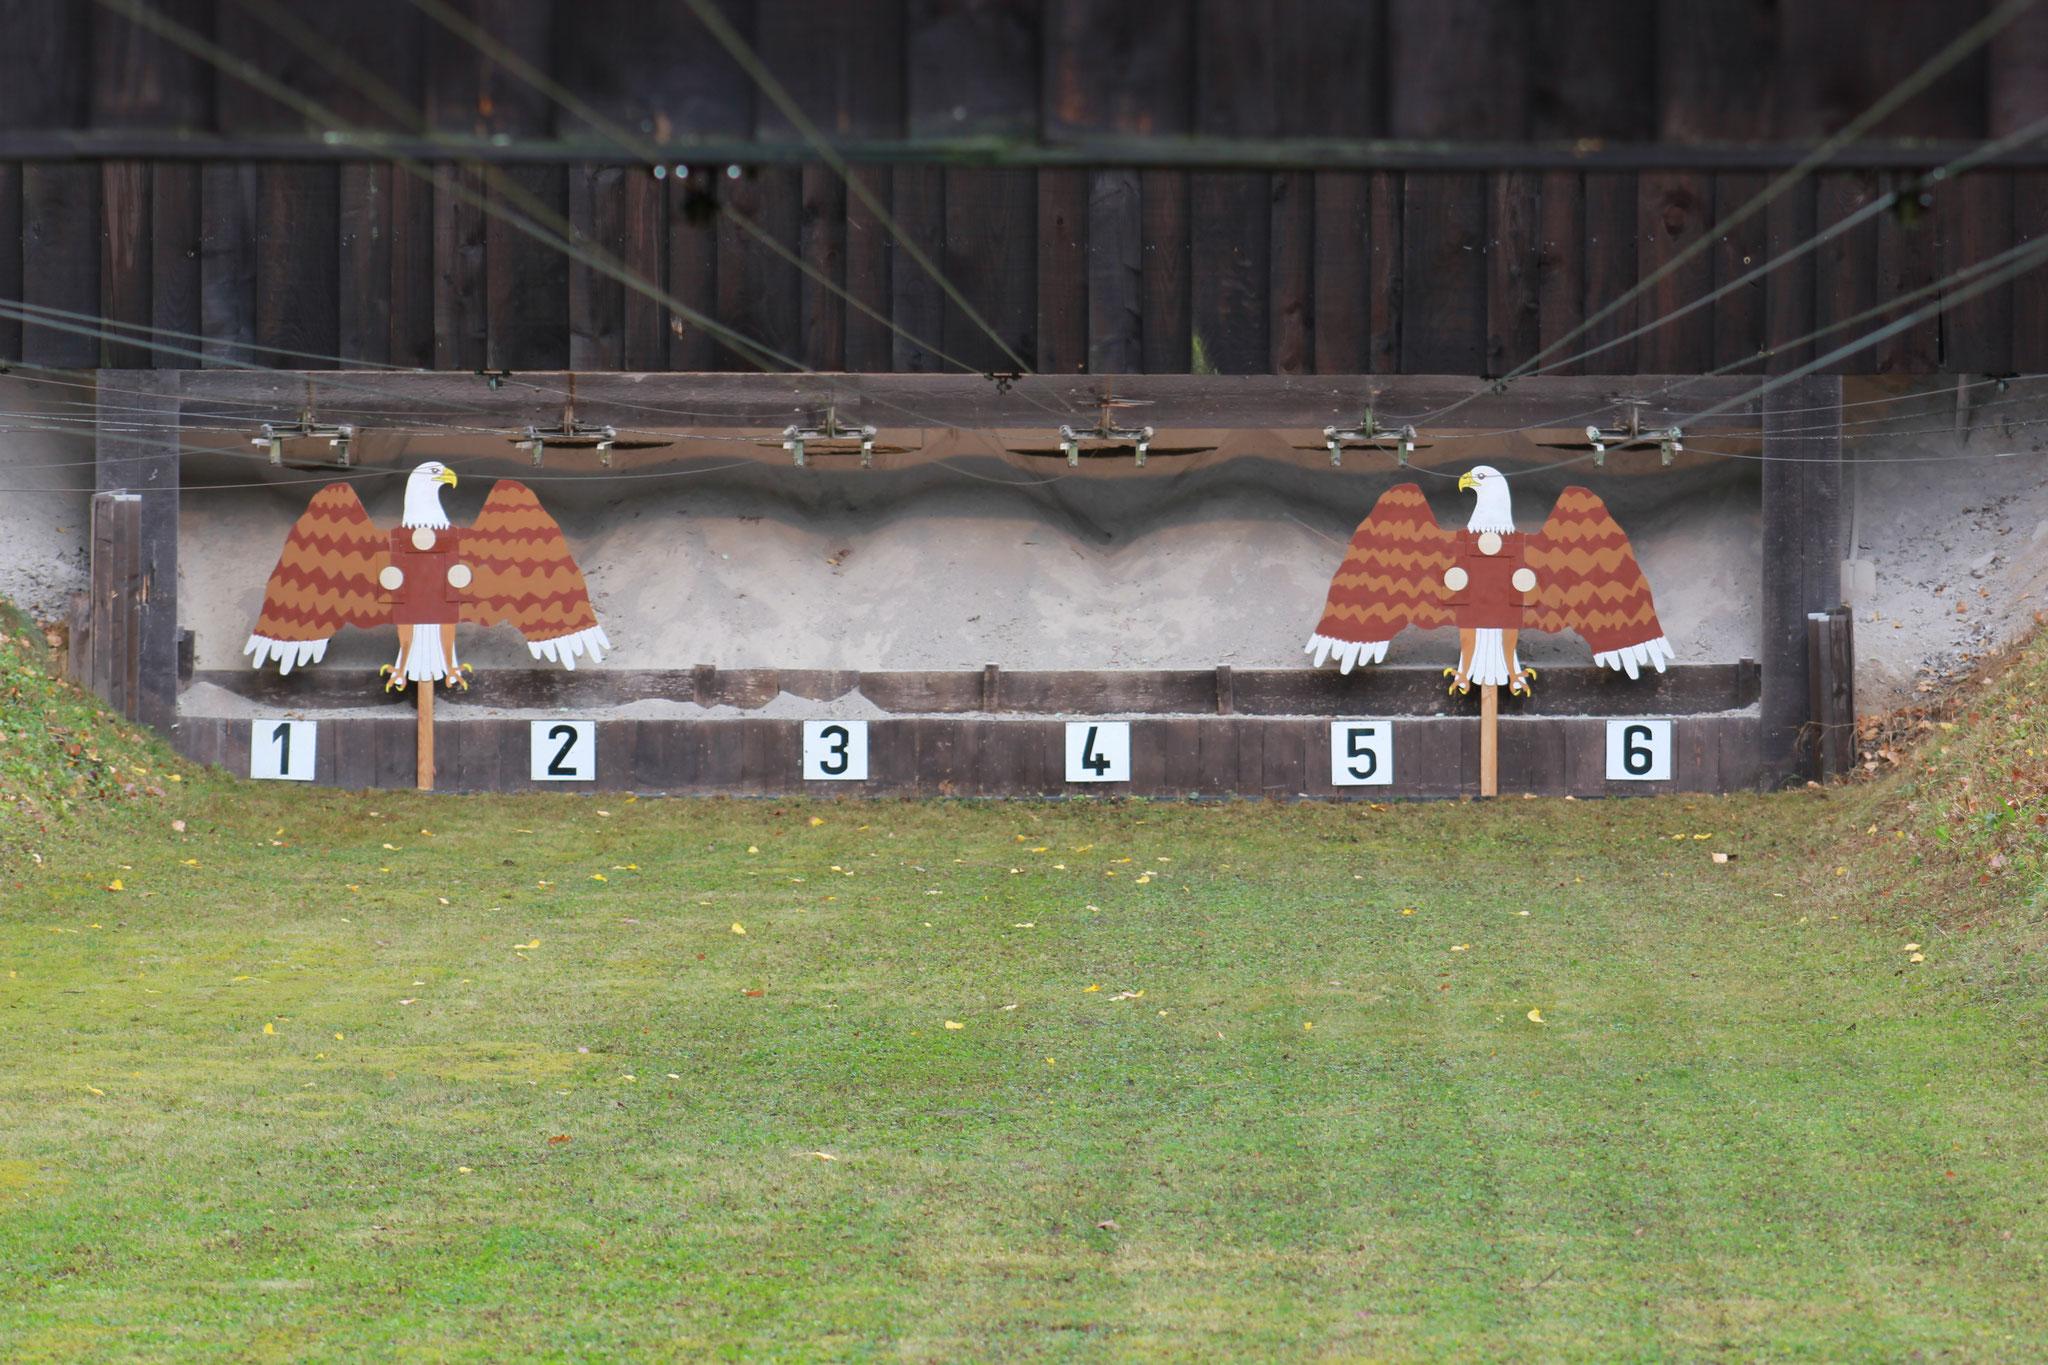 50 Meter Schussdistanz ... ein Kinderspiel ... oder?